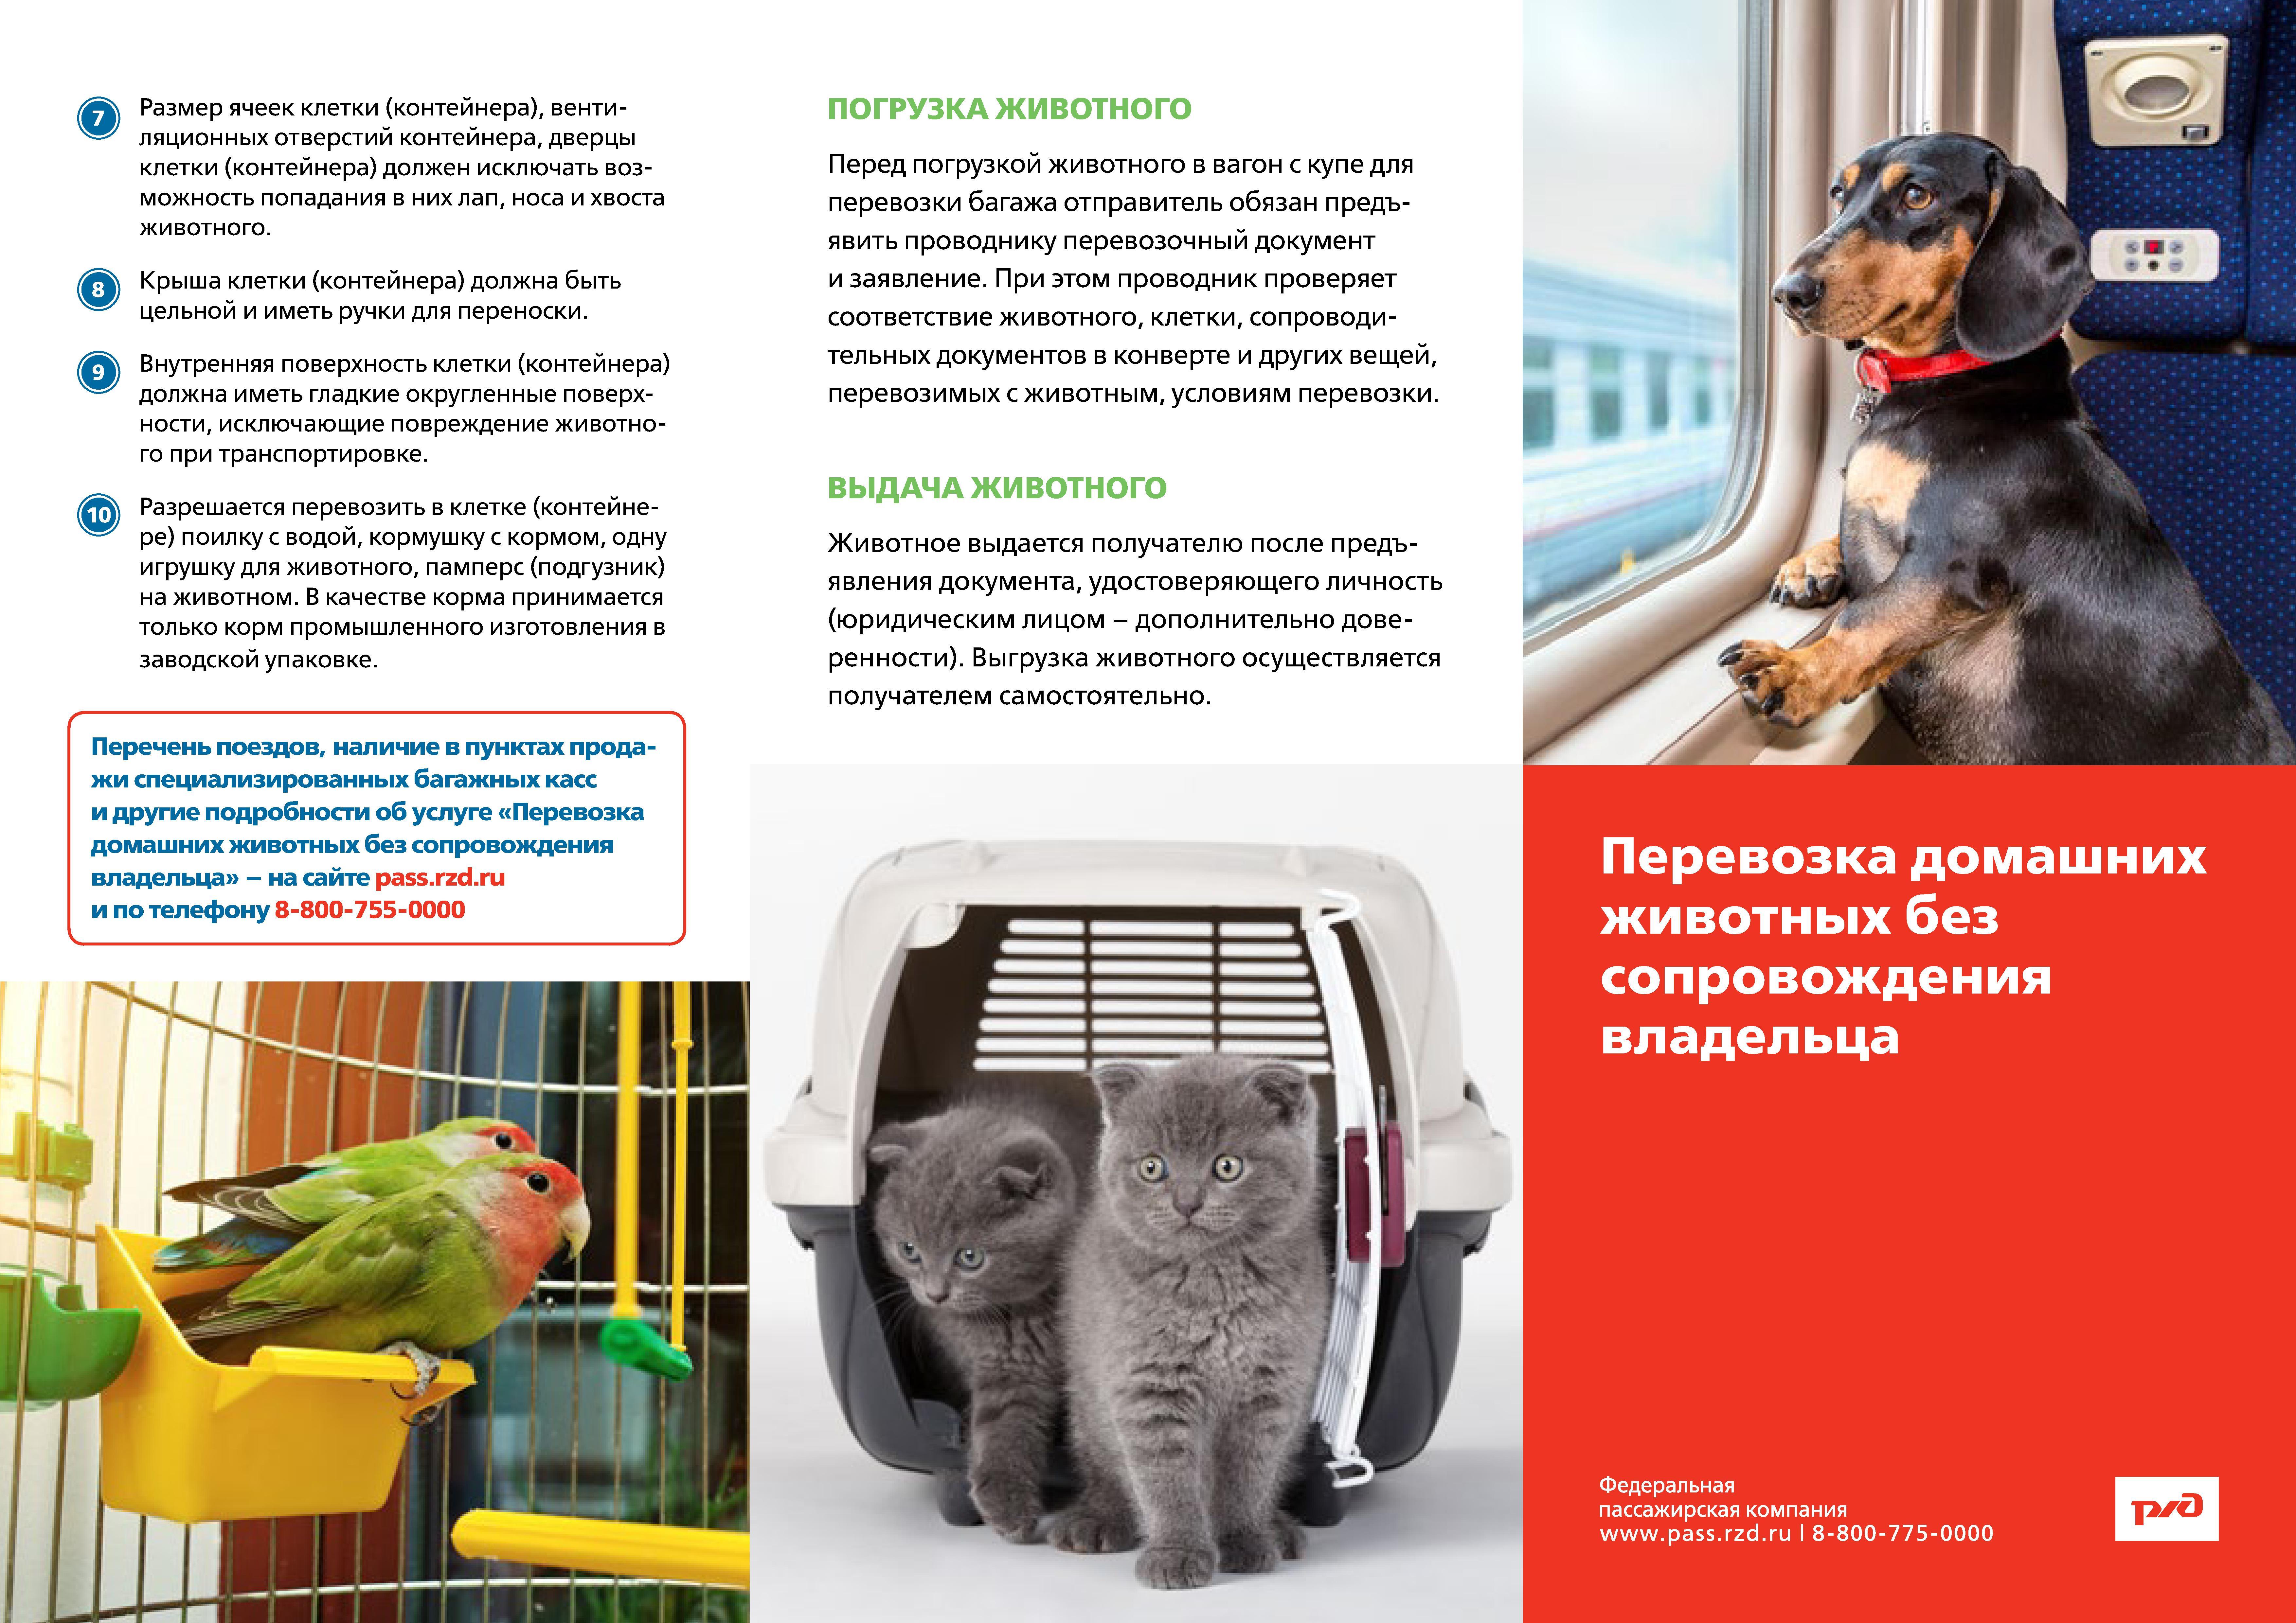 Перевозка мелких домашних животных в пассажирских вагонах нормы расхода топлива на строительную технику